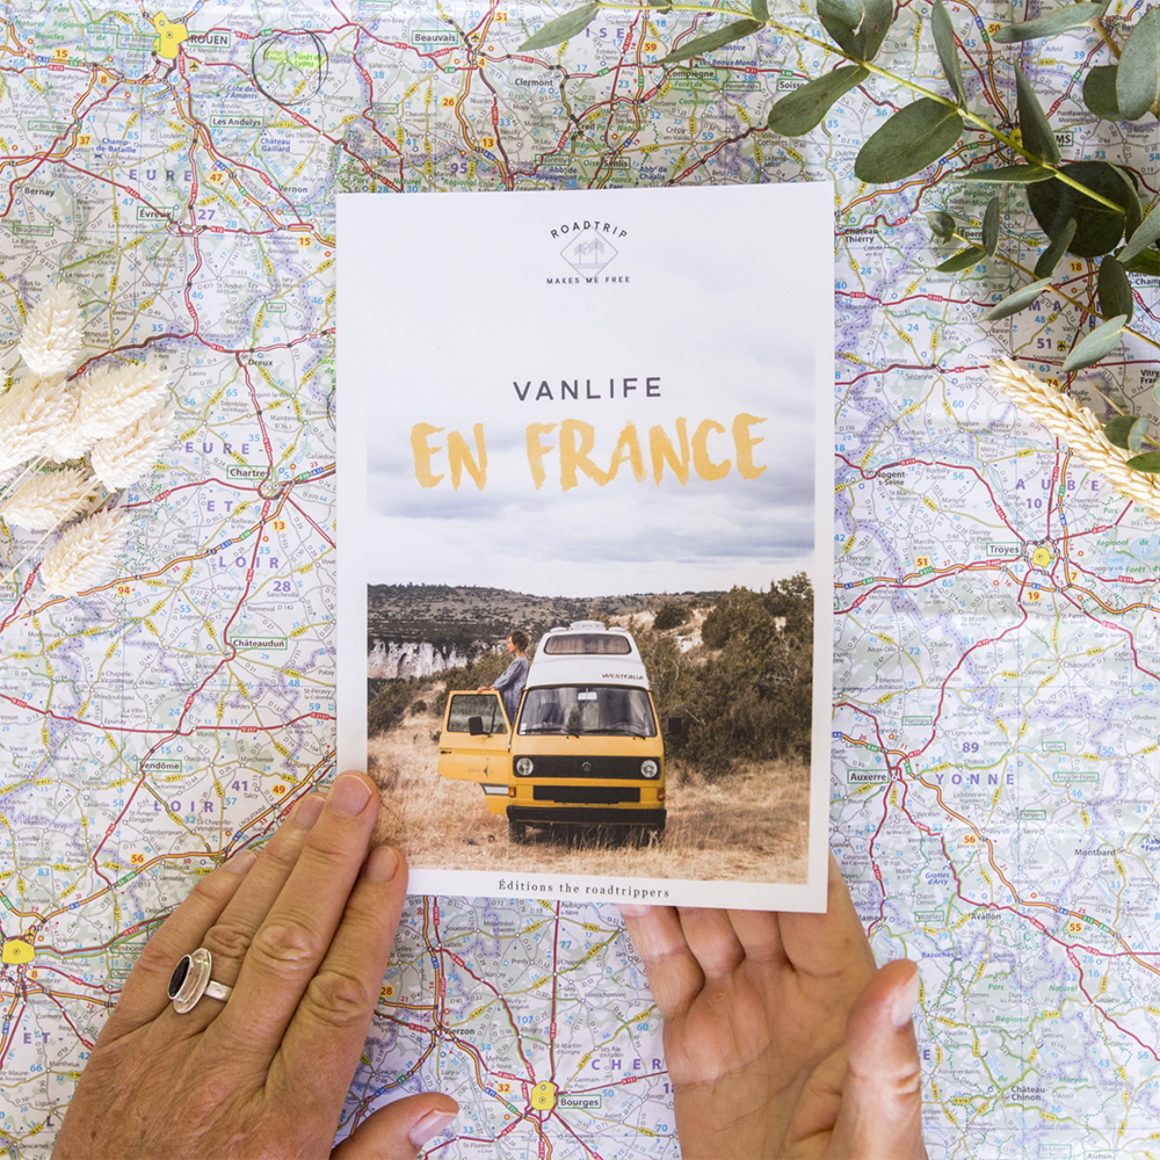 Le livre Van Life en France par The Roadtrippers